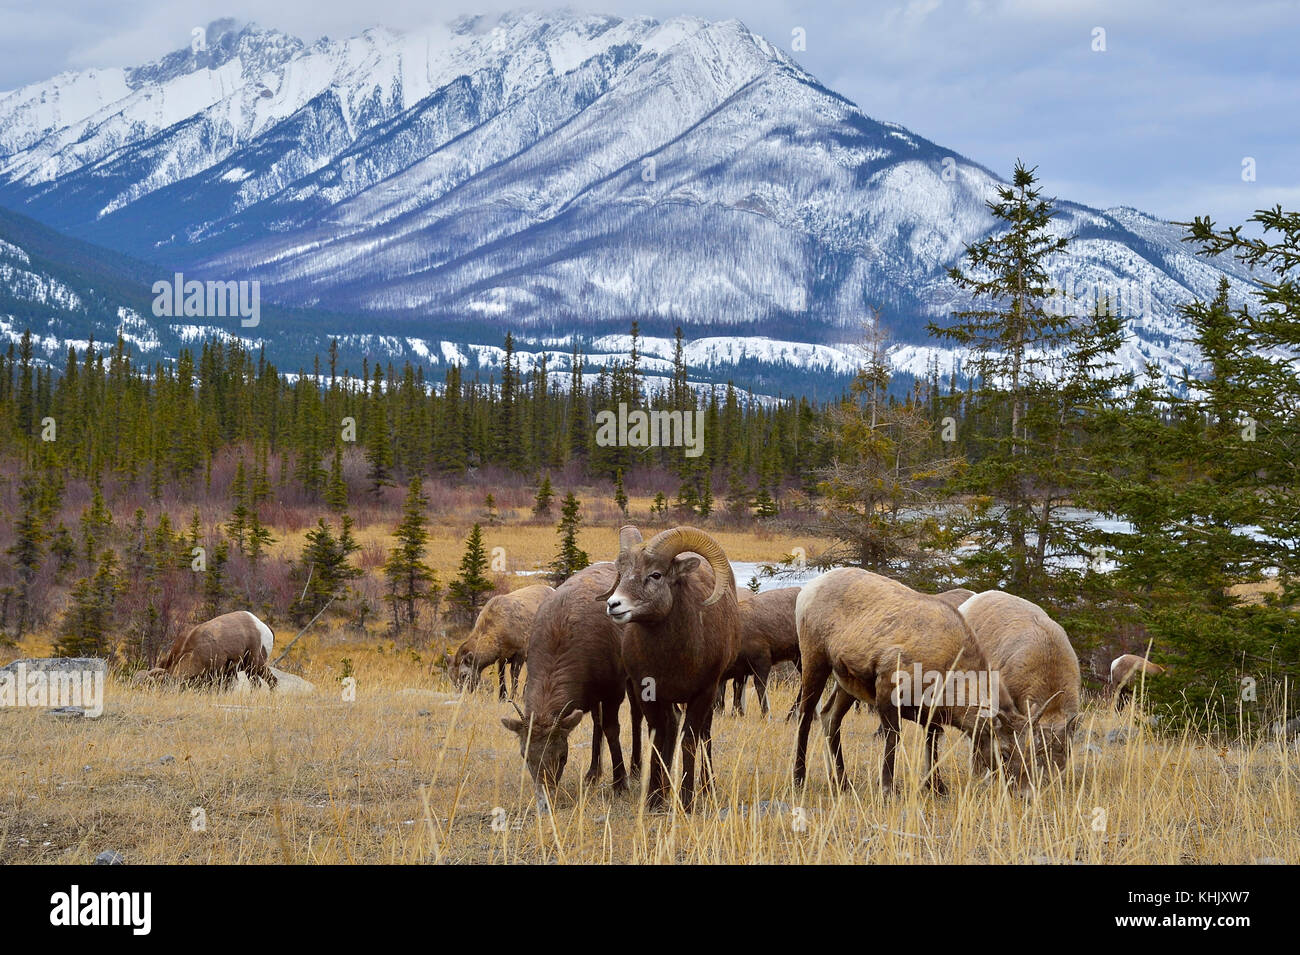 Una mandria di wild Bighorn (Ovis canadensis) rovistando in erba marrone in una maestosa montagna rocciosa paesaggio Immagini Stock